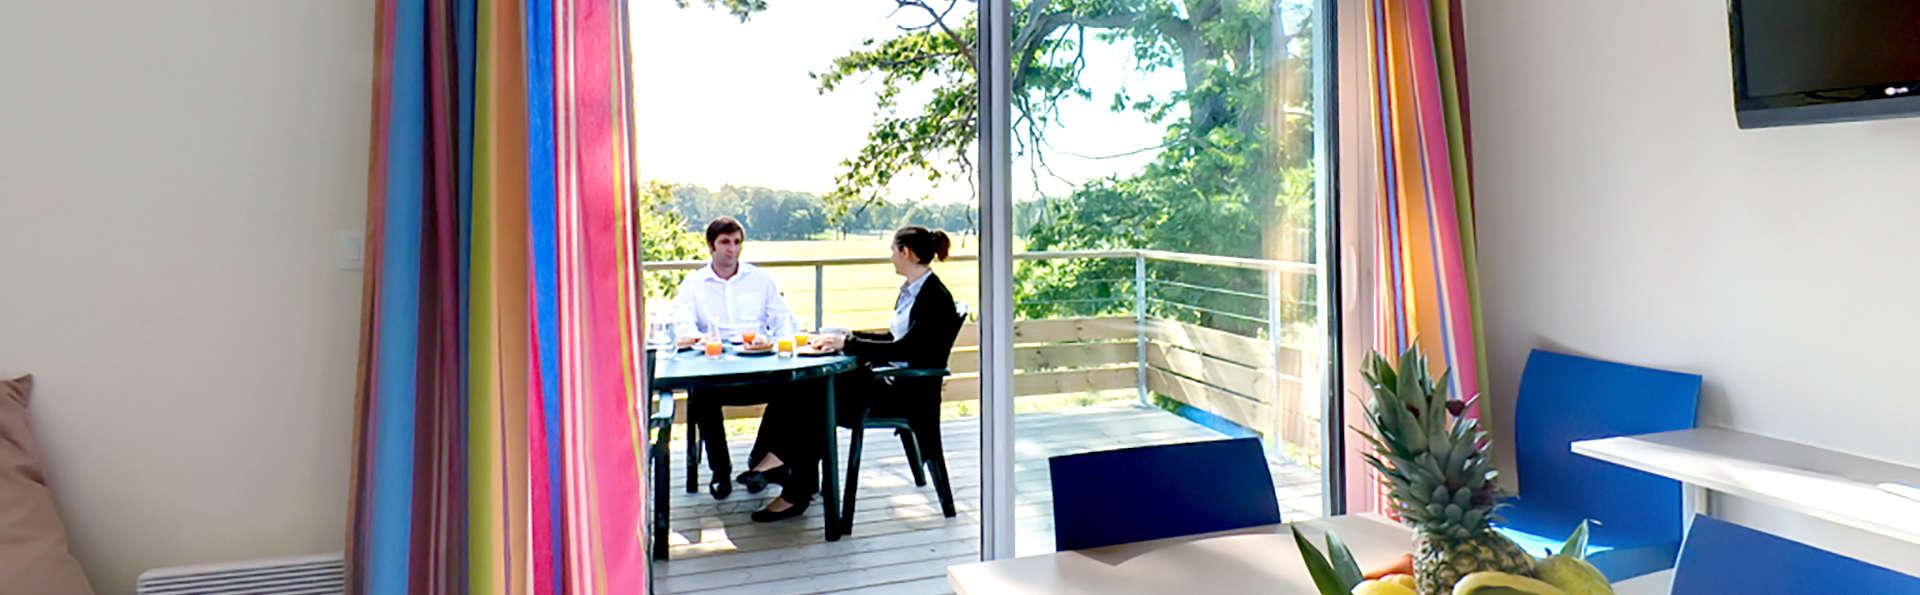 Le Relais du Plessis - Edit_Apartment2.jpg